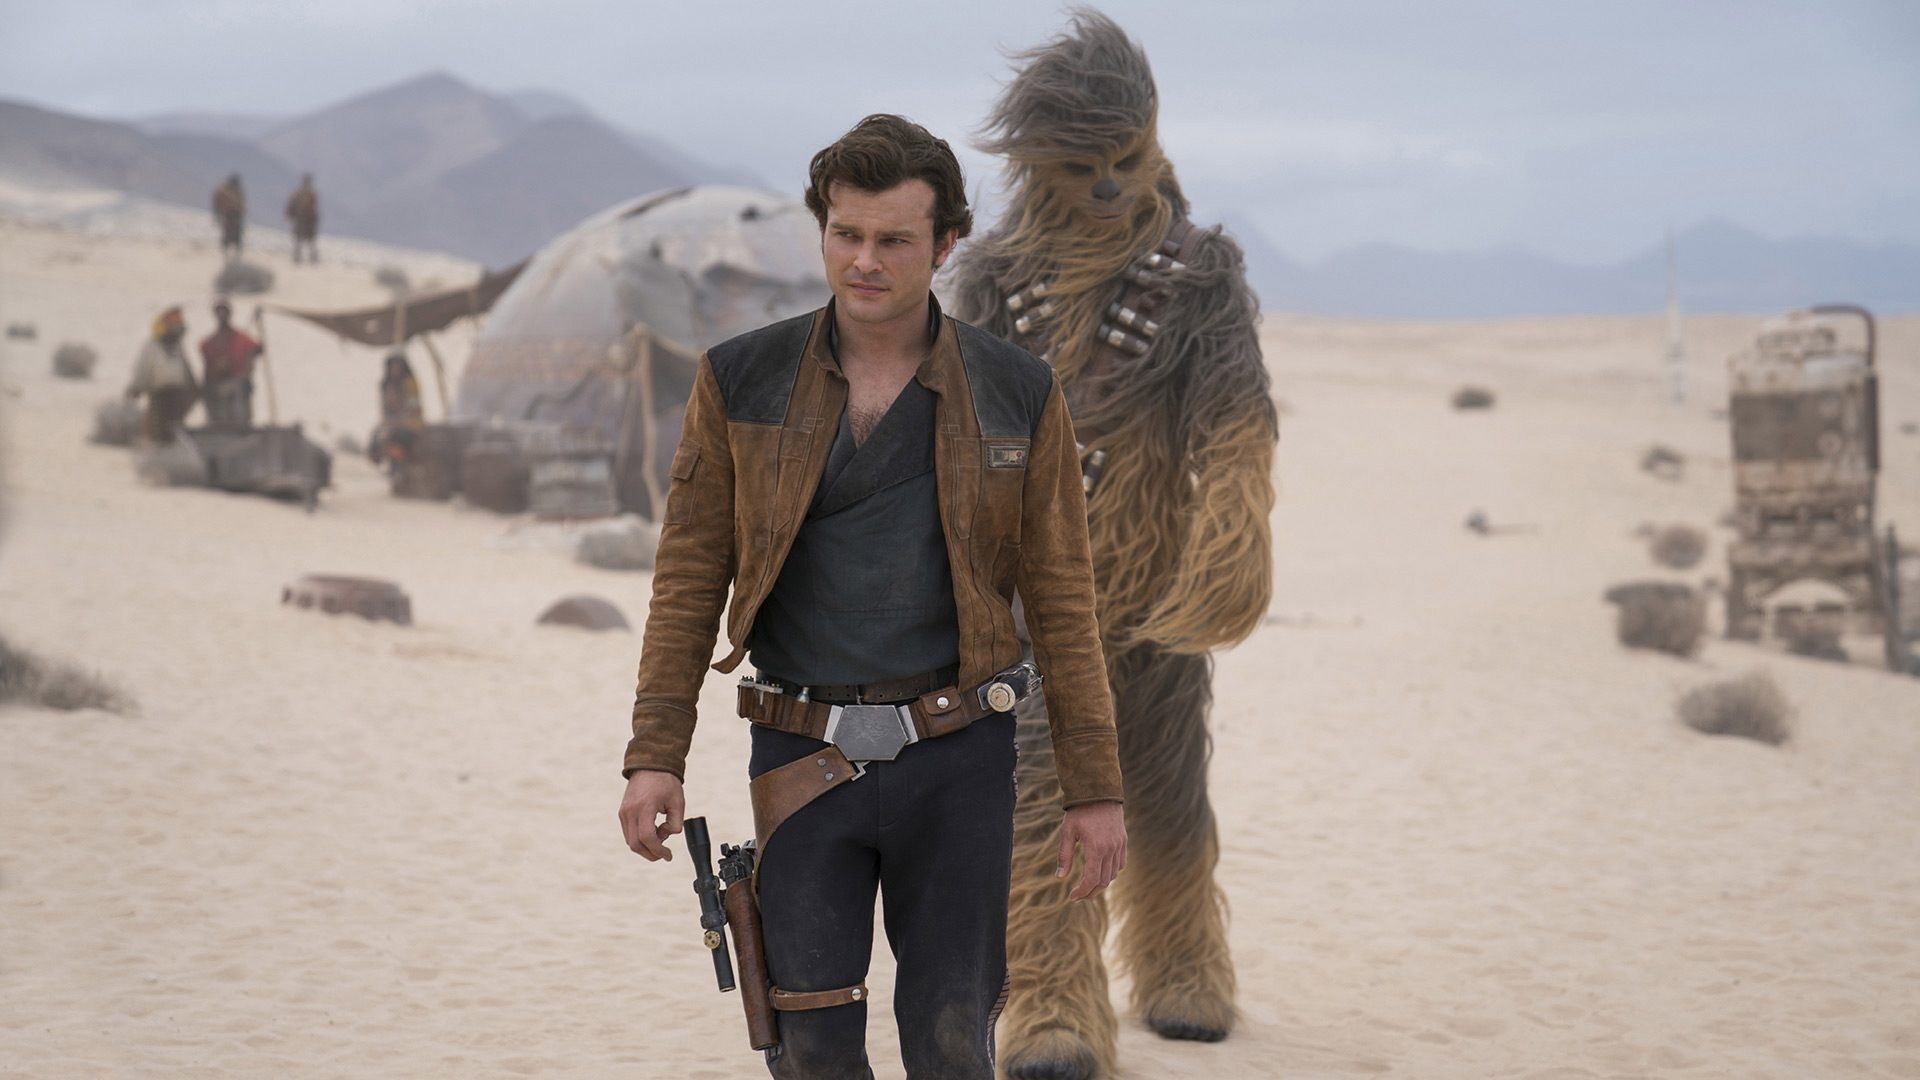 Han and Chewie on Savareen